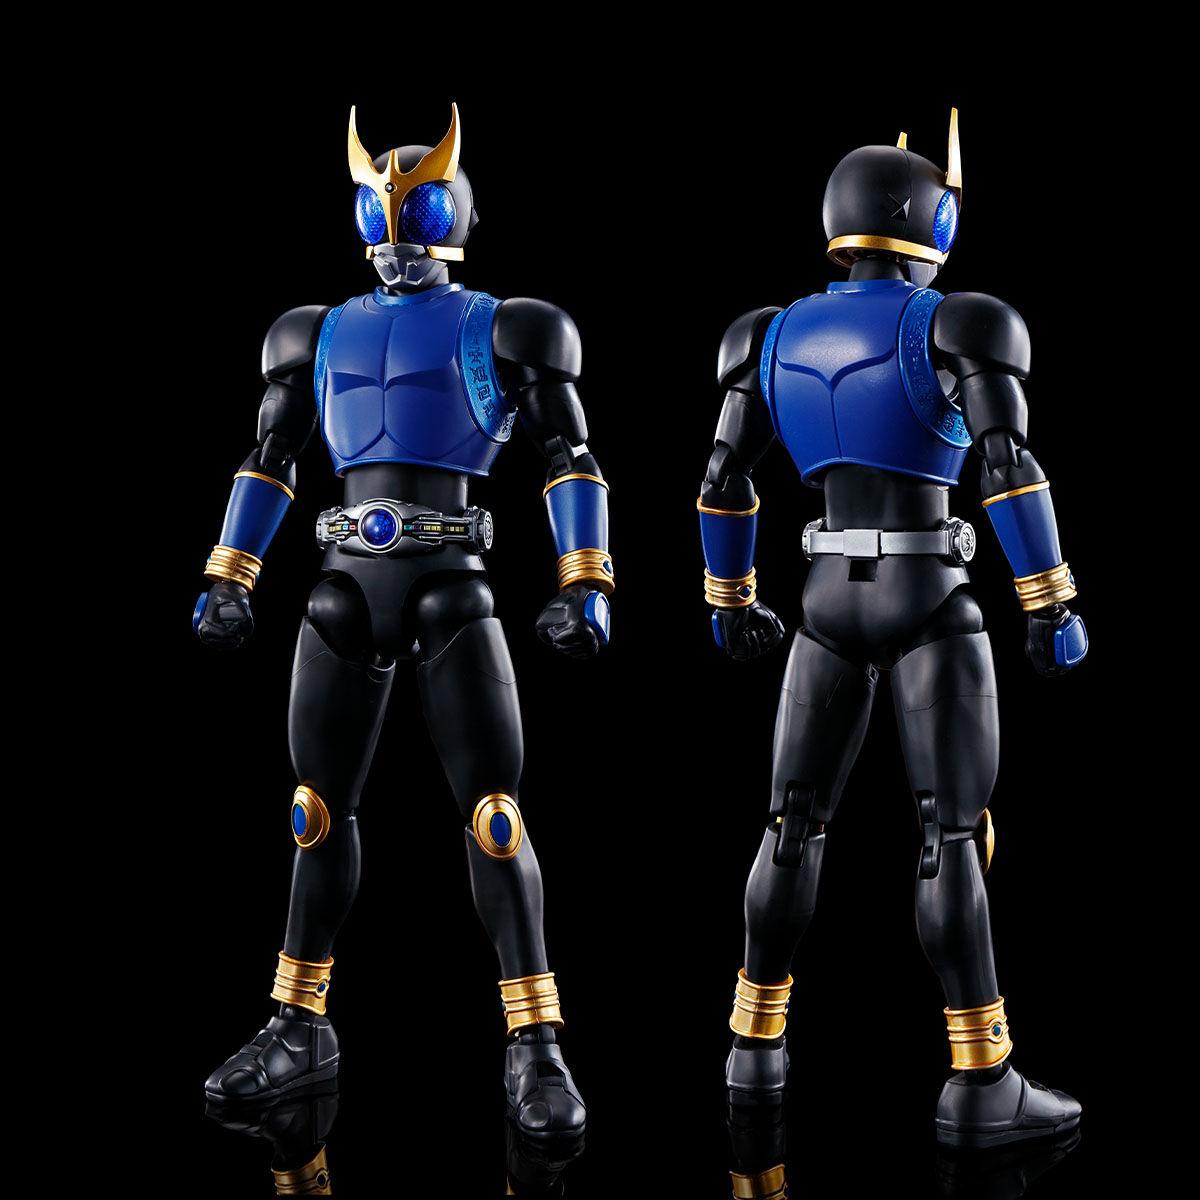 【限定販売】Figure-rise Standard『仮面ライダークウガ ドラゴンフォーム/ライジングドラゴン』プラモデル-002